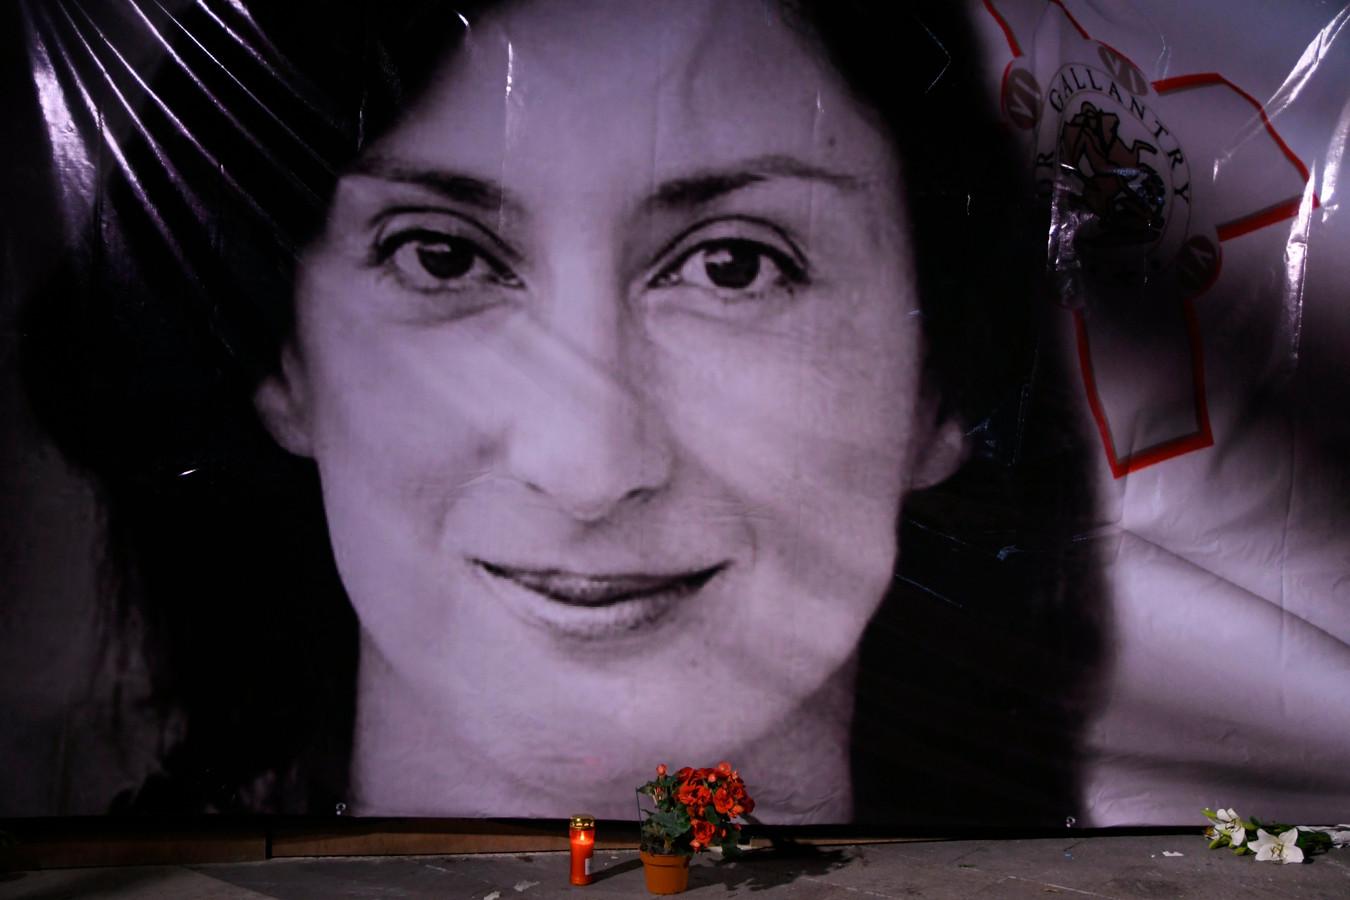 De Maltese staat is medeverantwoordelijk voor de moord op journalist Daphne Caruana Galizia, concludeert een onderzoekscommissie.